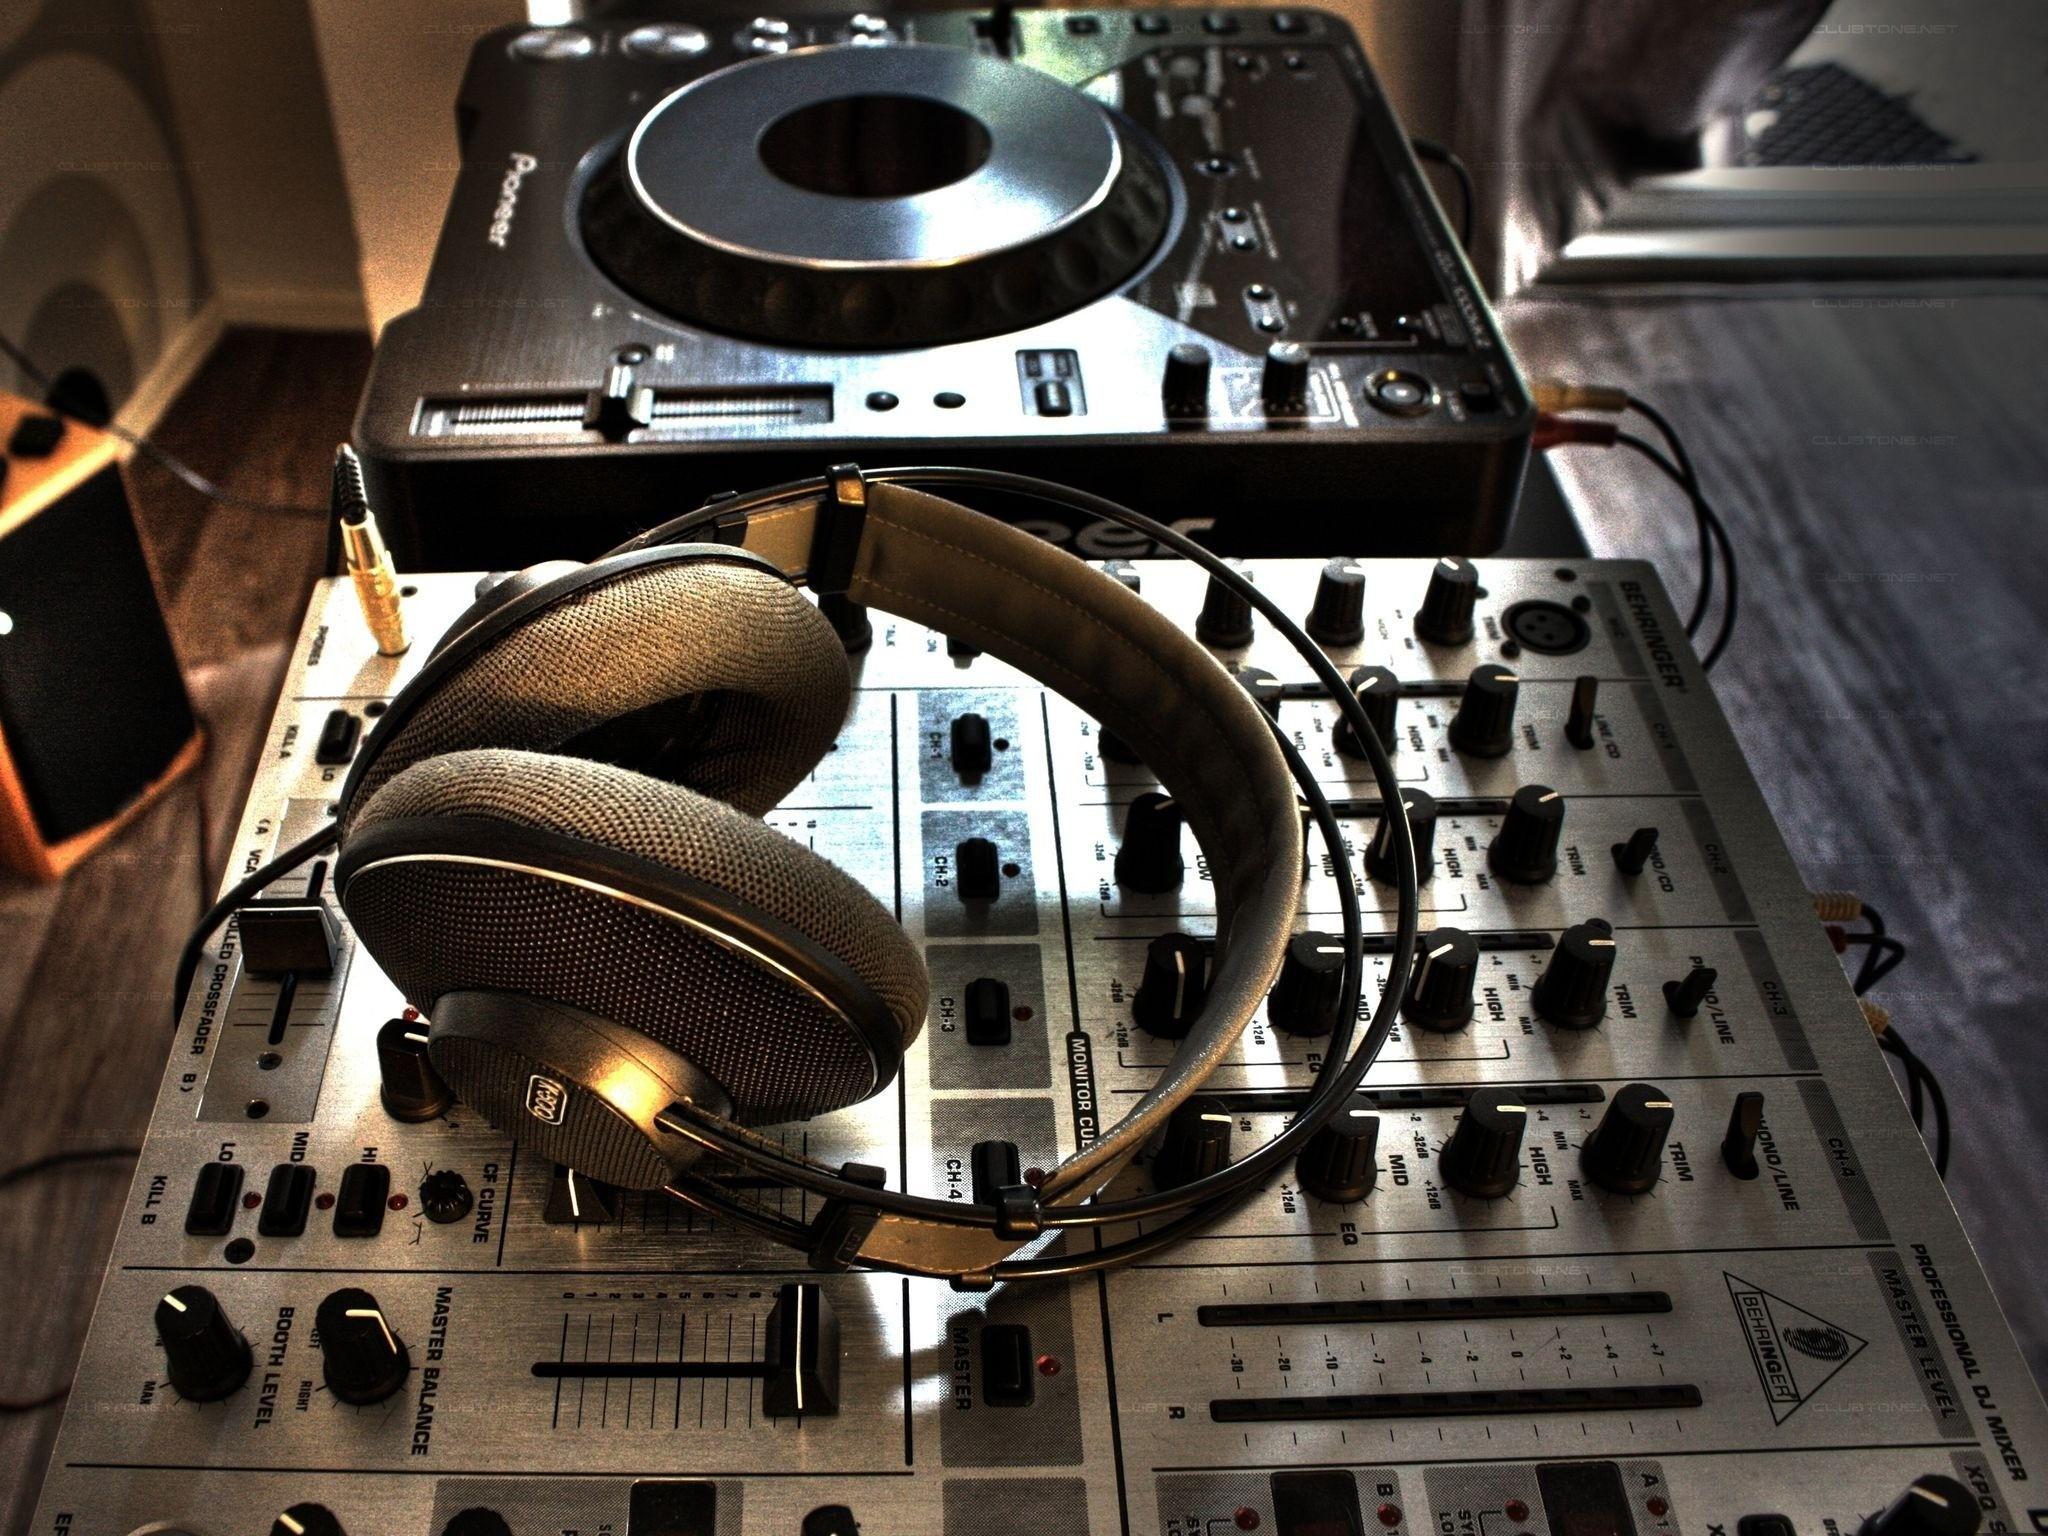 Dj Mixer Images